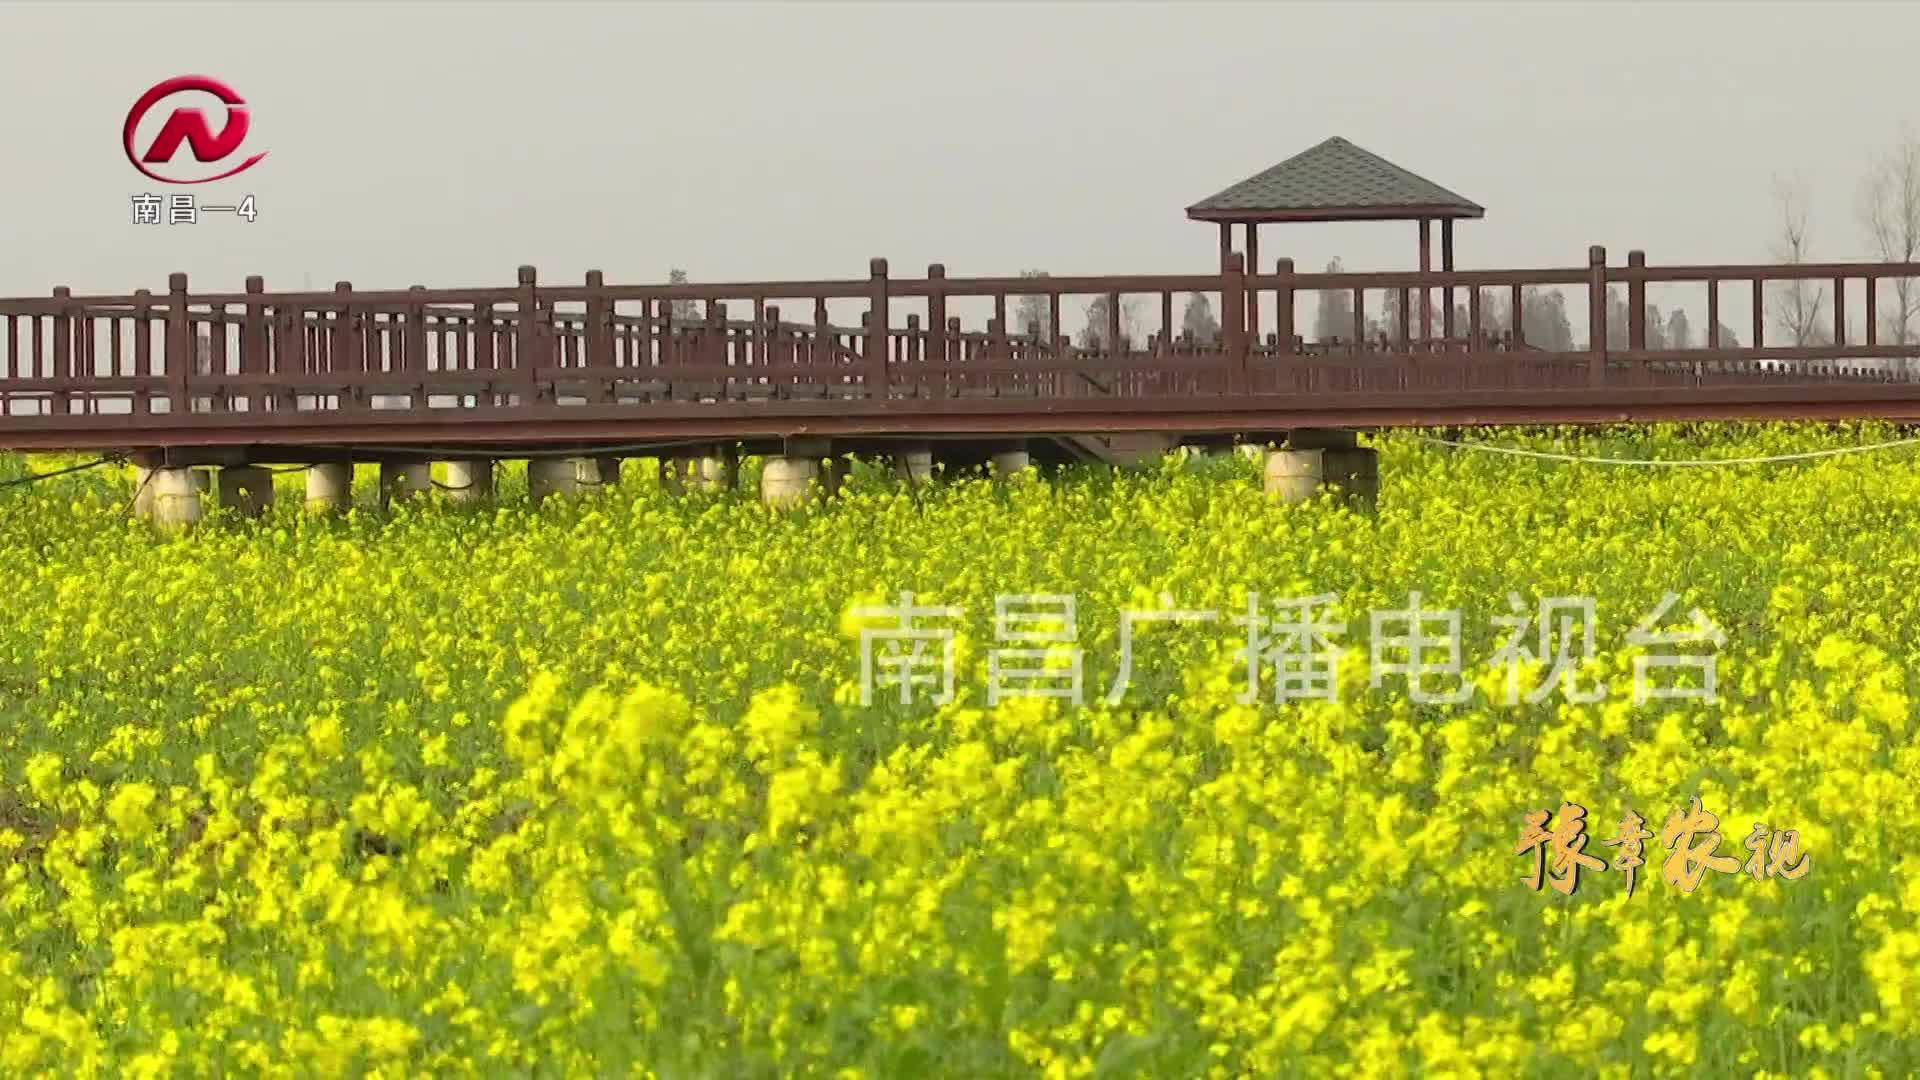 【豫章農視】藍籌頤荷園:千畝油菜花競相綻放 匯成金色花海